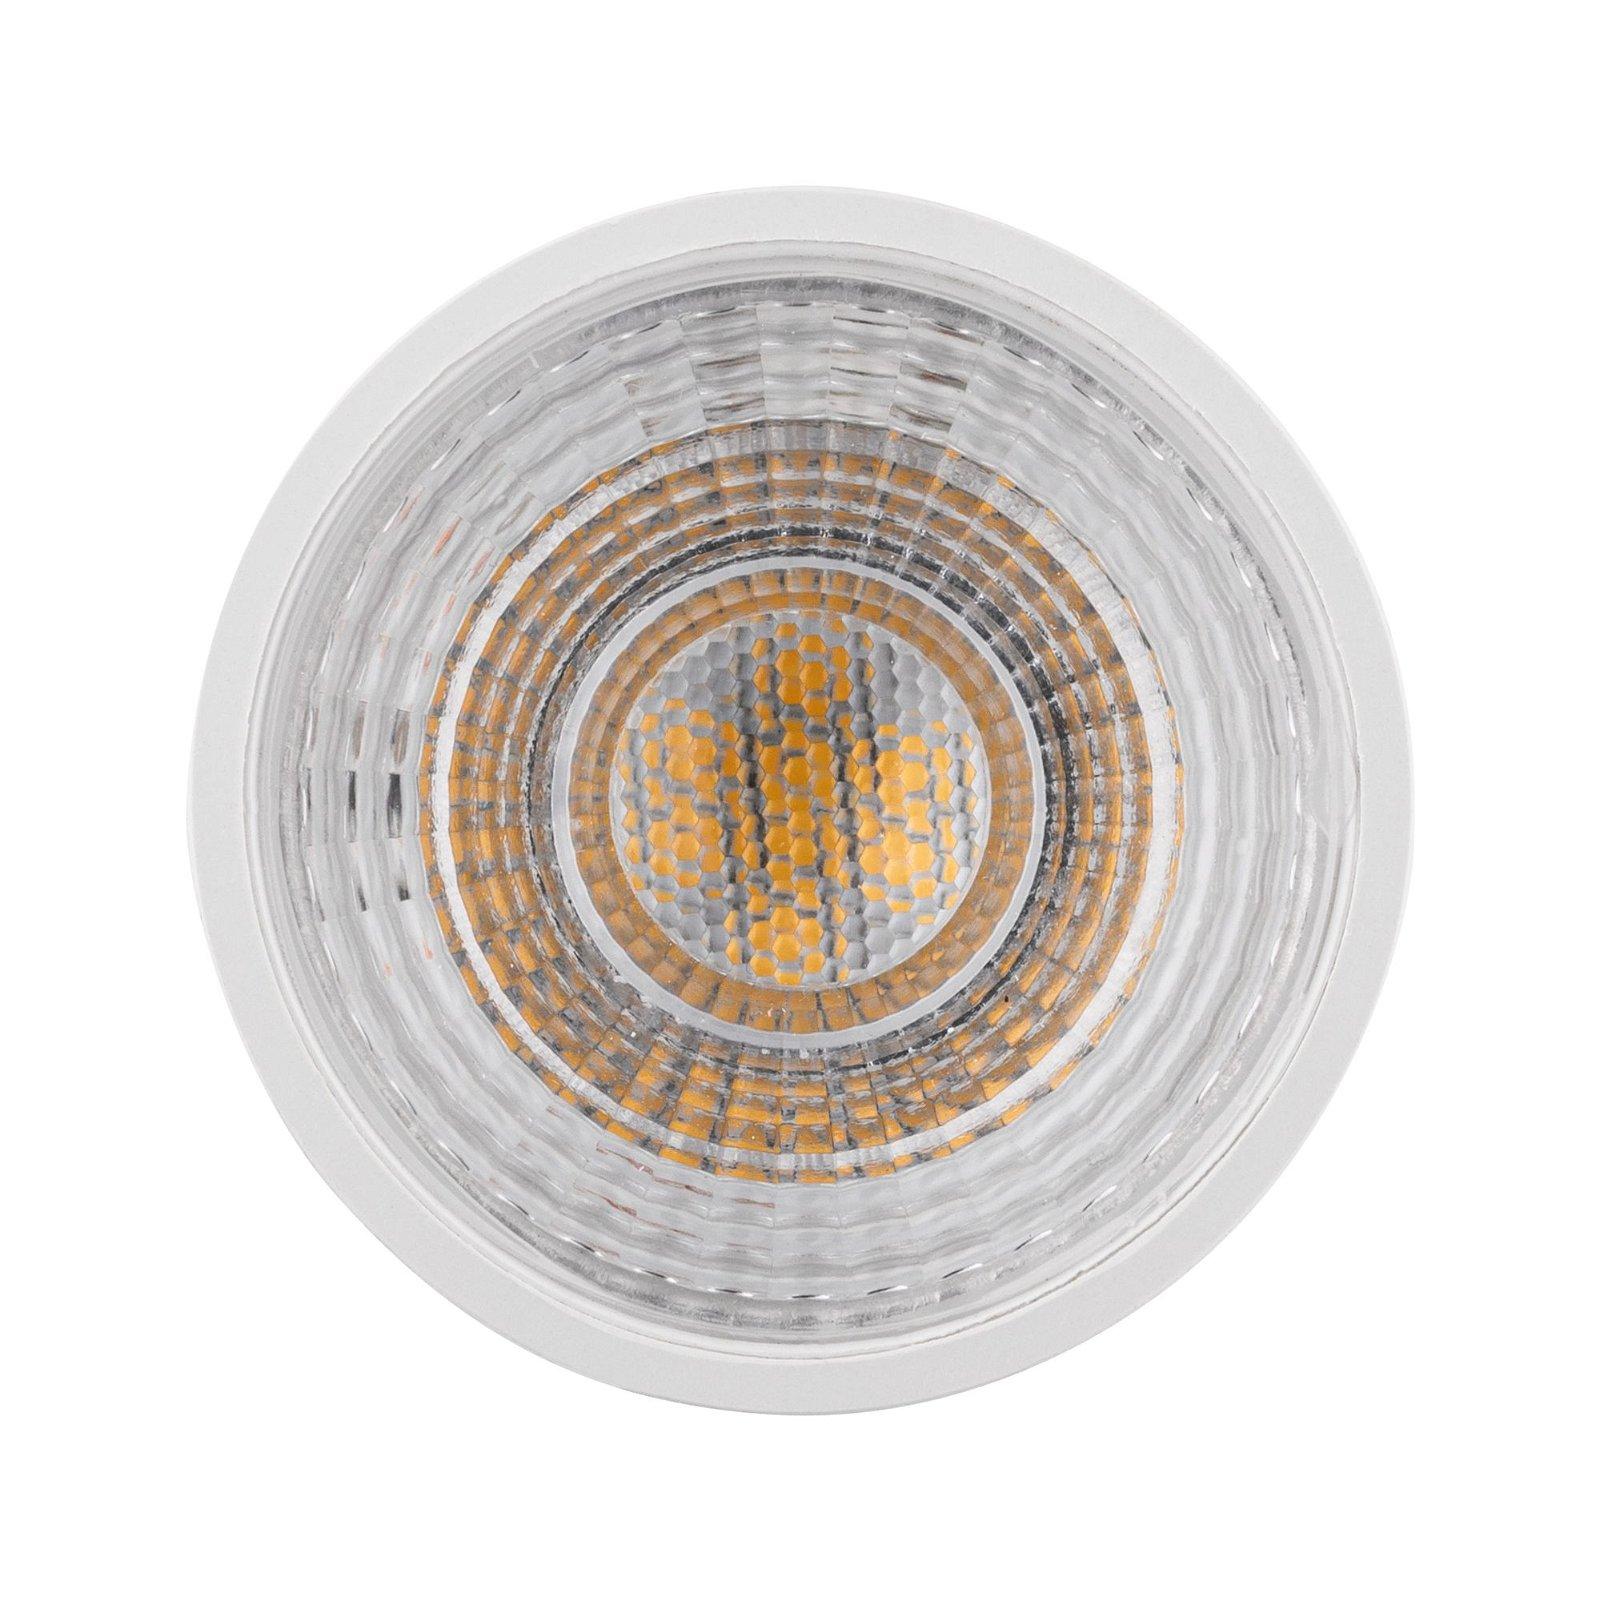 Réflecteur LED GU10 230V 460lm 7W 2700K Blanc dépoli